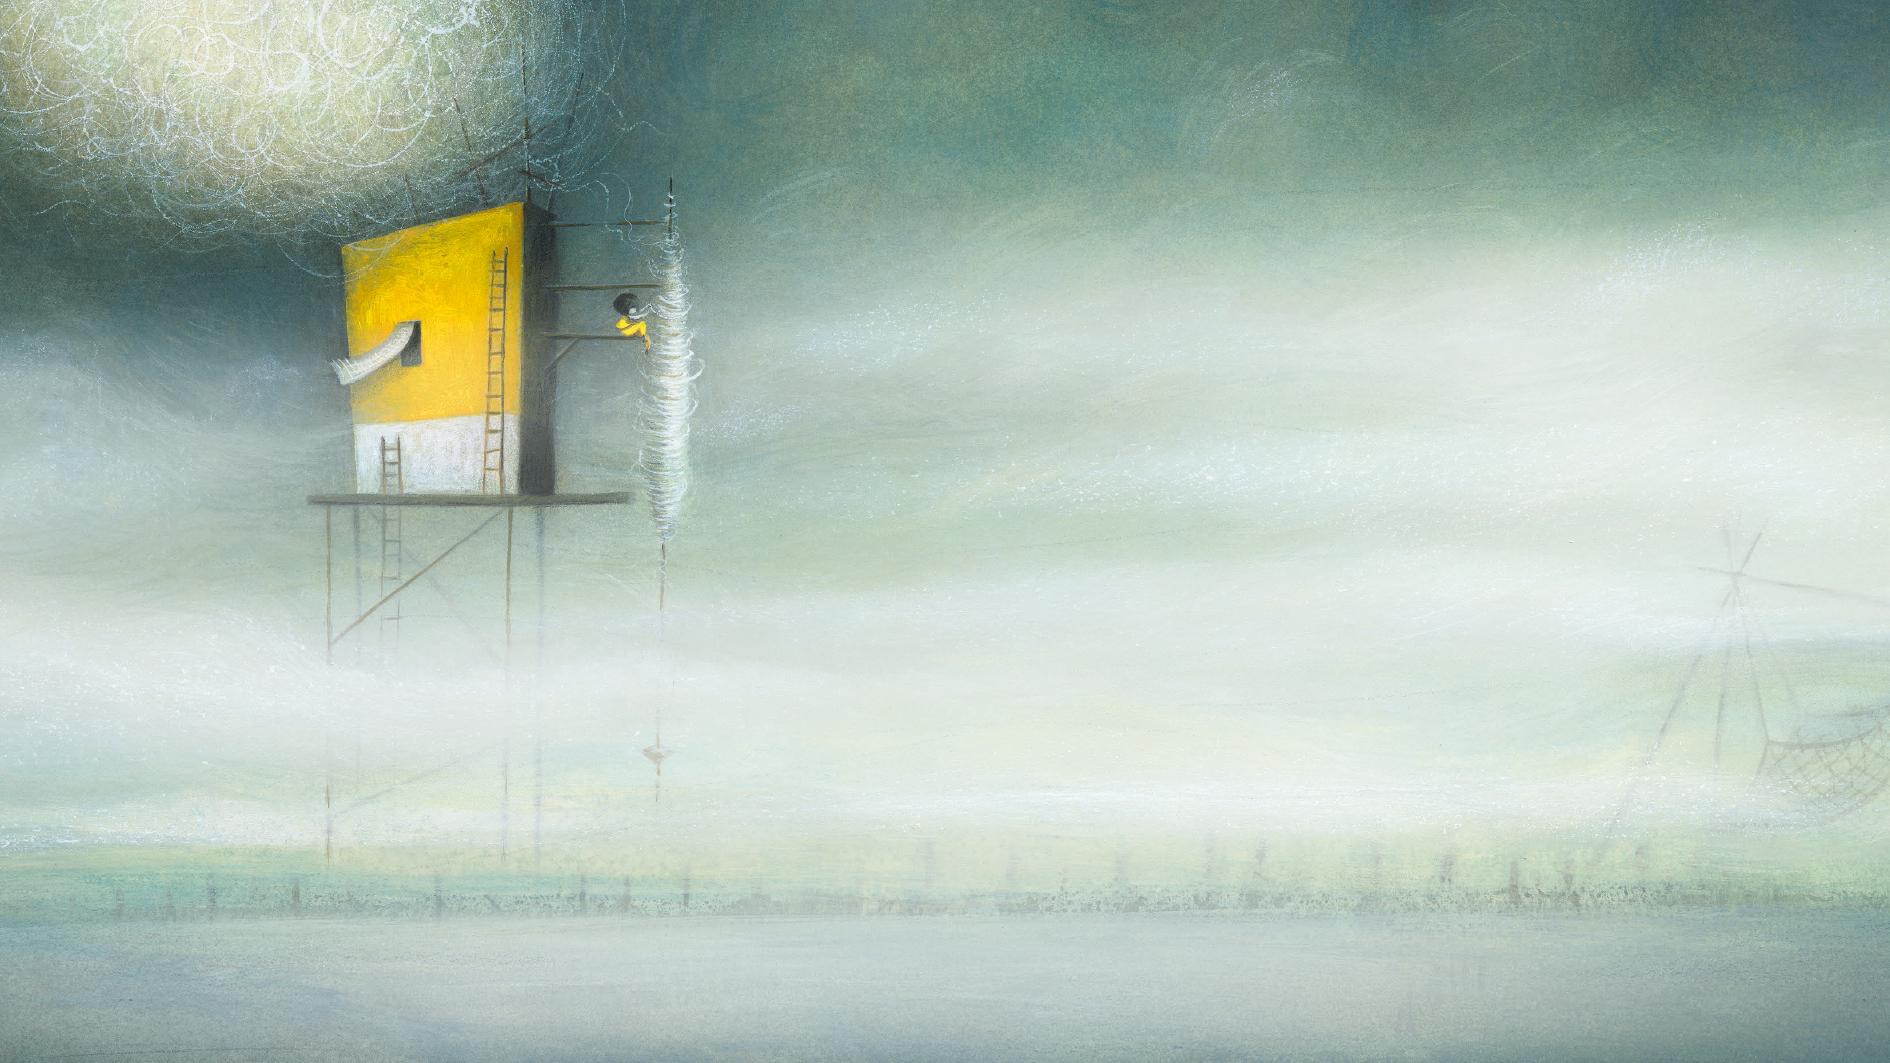 Die Schneiderin des Nebels, Headerbild